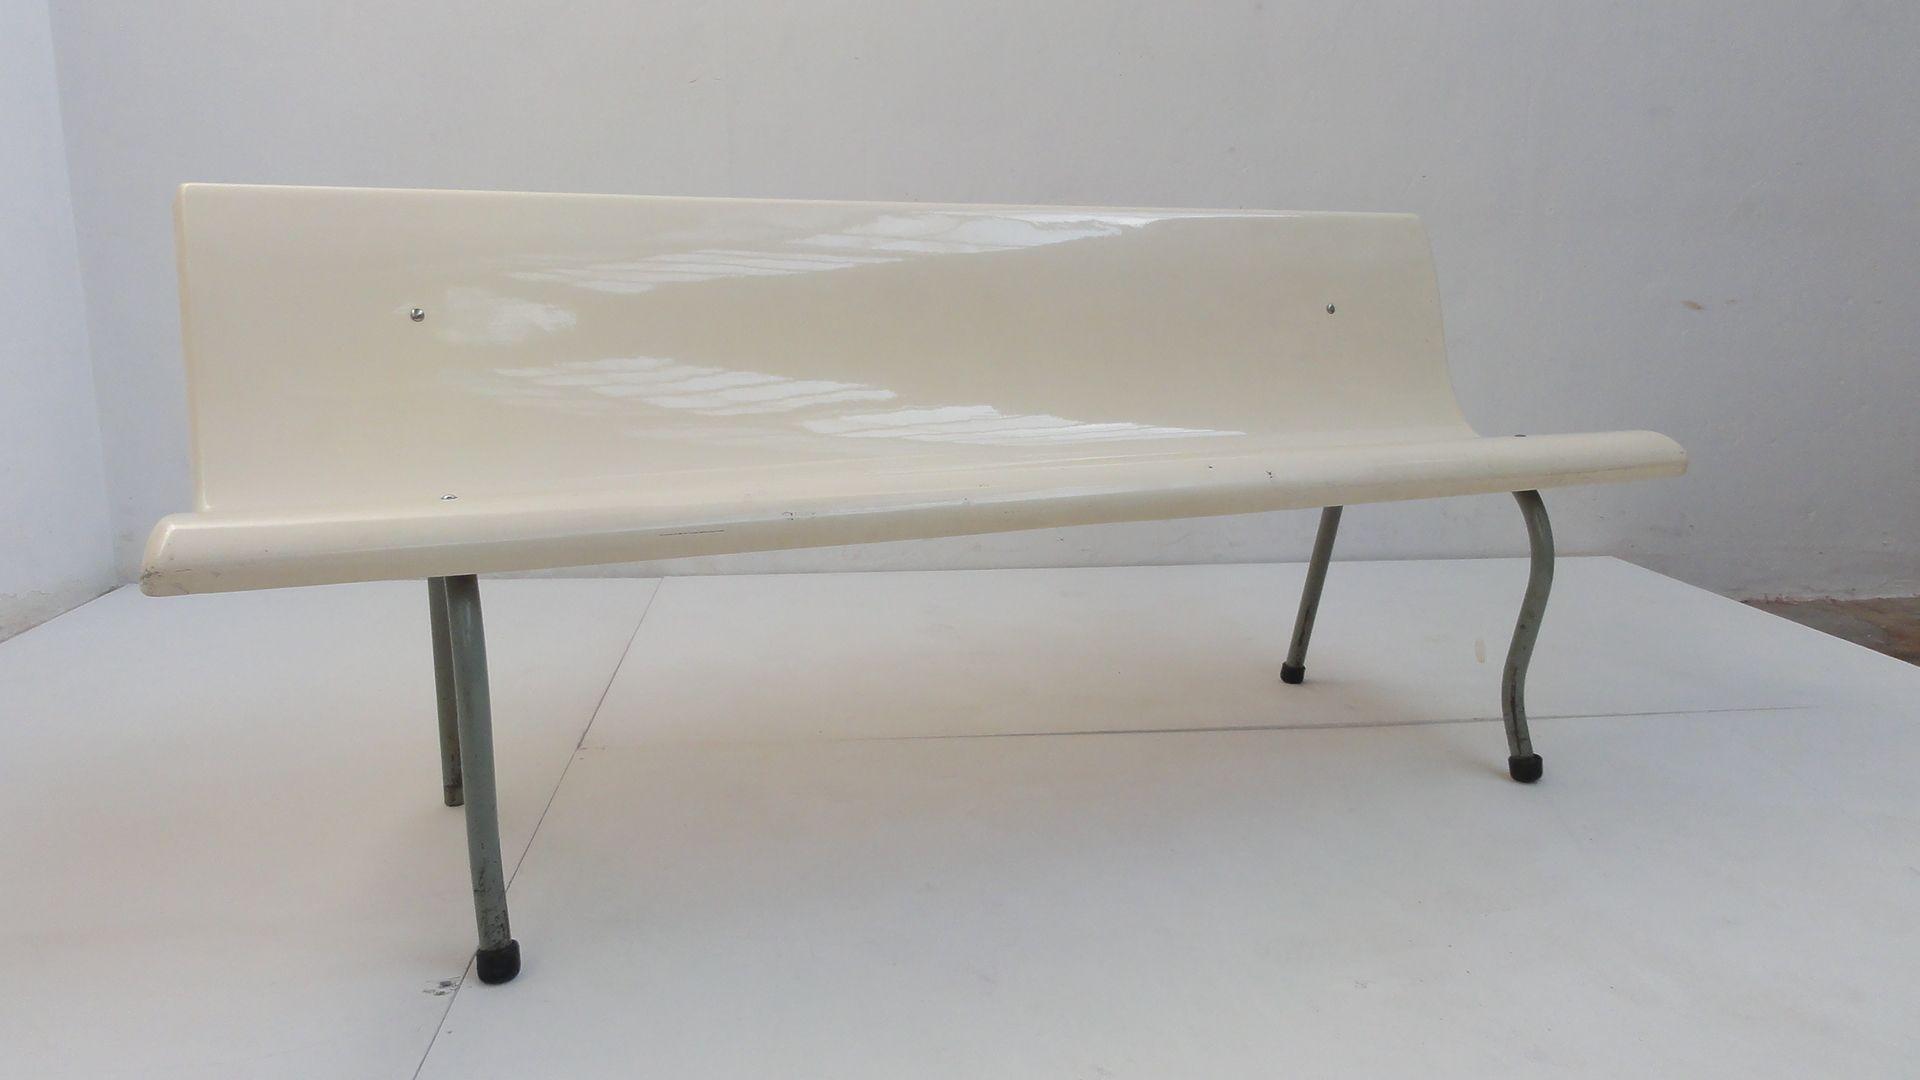 banc de salle d 39 attente infirmerie centre m dical 1960s en vente sur pamono. Black Bedroom Furniture Sets. Home Design Ideas